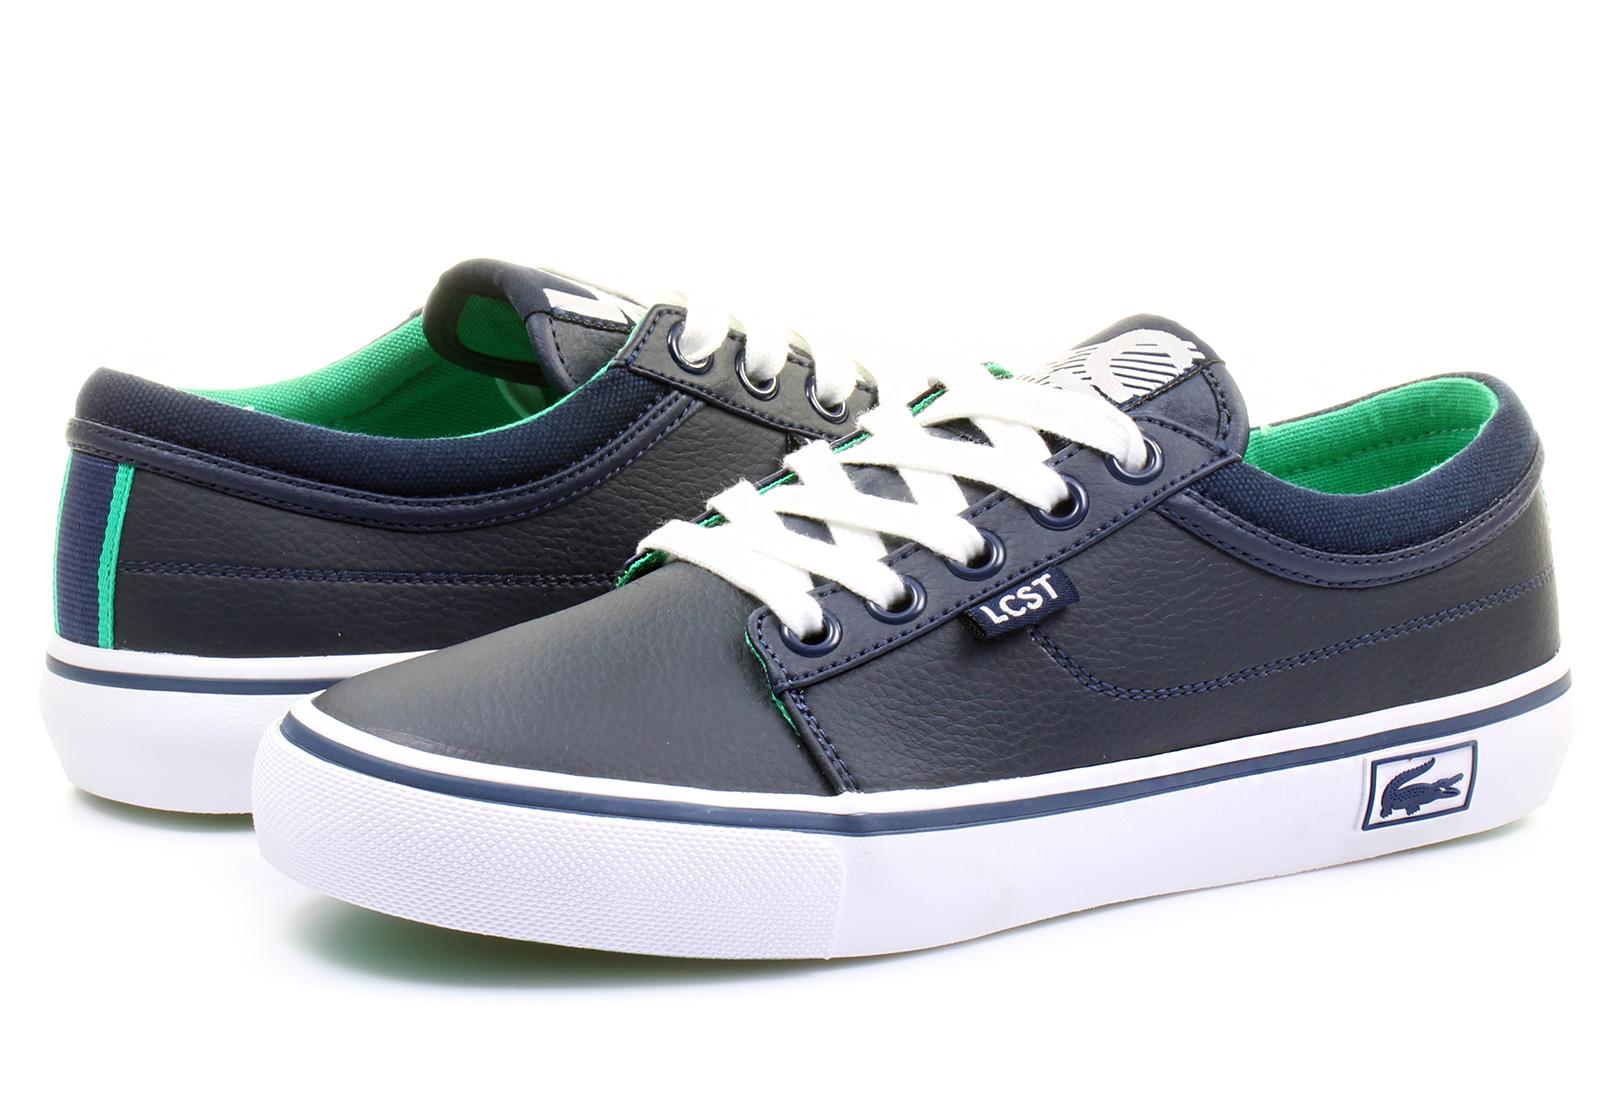 Lacoste Shoes Vaultstar